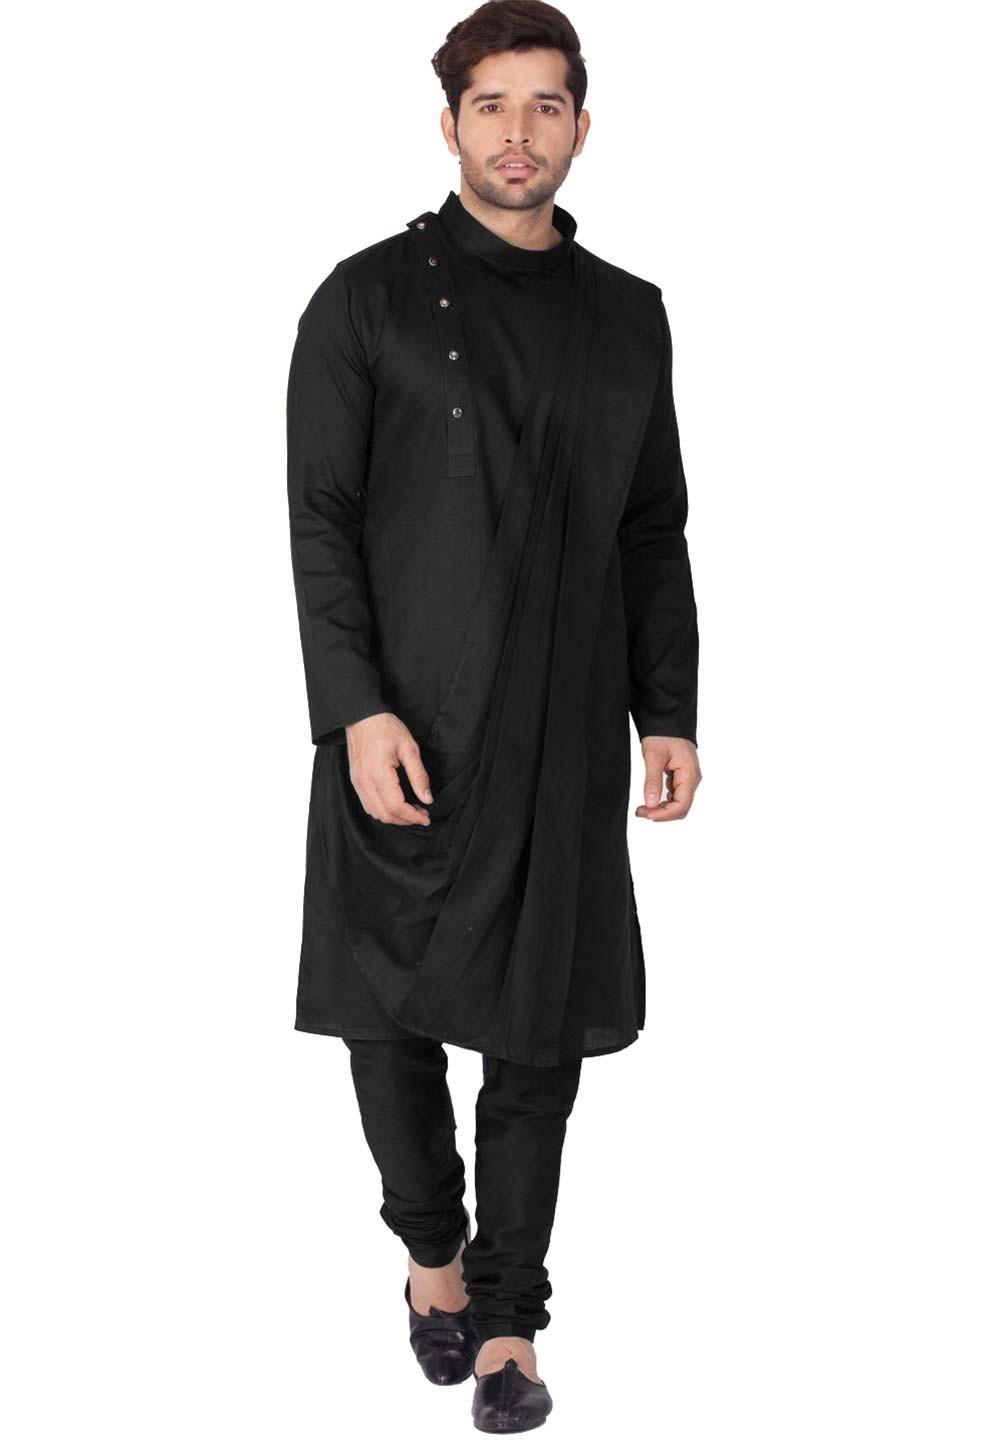 Buy kurta pajama online in Black Color